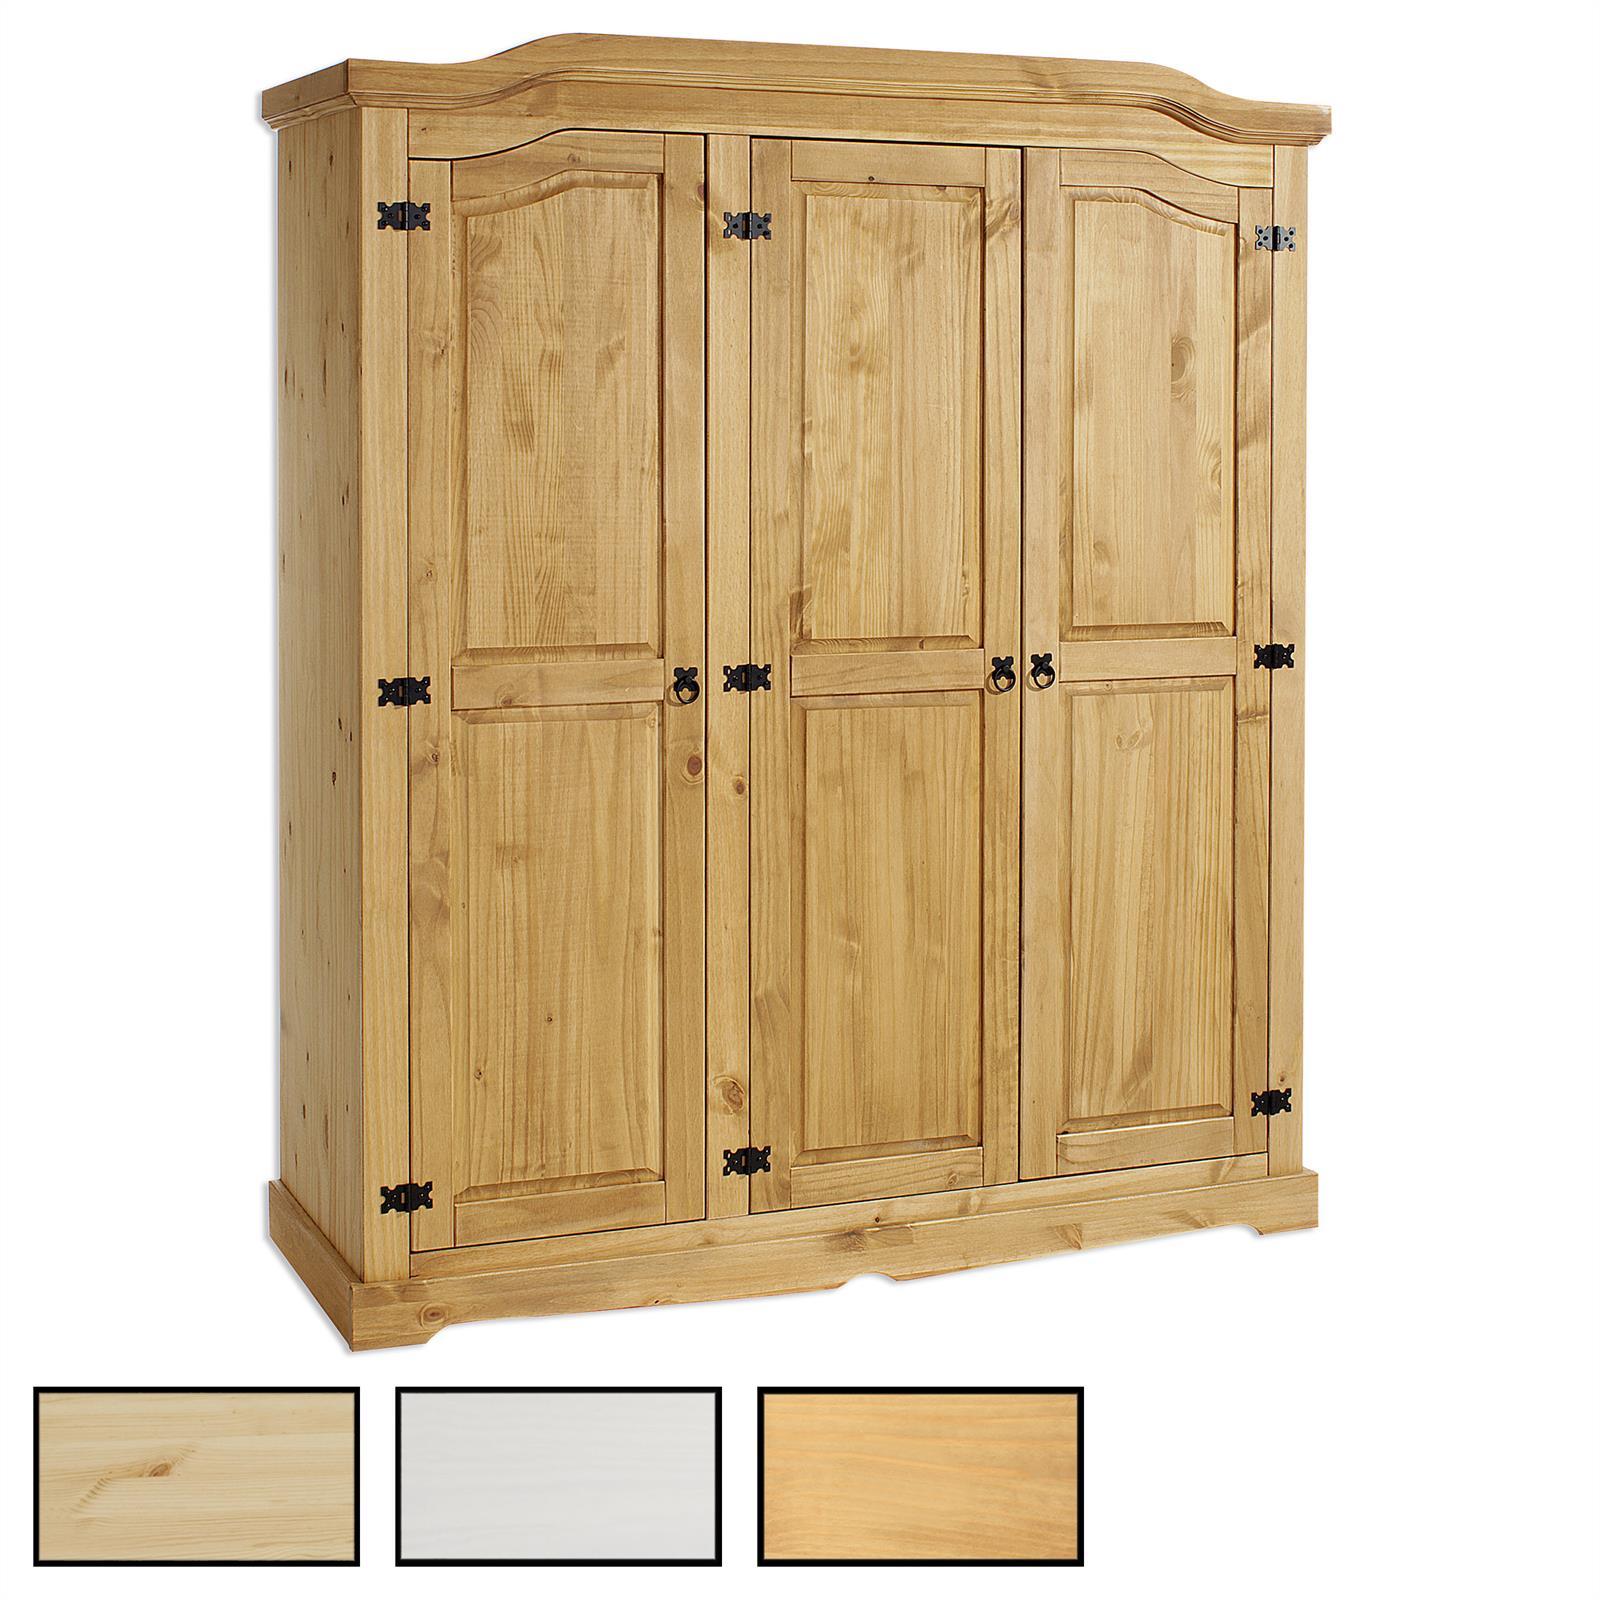 kleiderschrank garderobenschrank dielenschrank kiefer. Black Bedroom Furniture Sets. Home Design Ideas